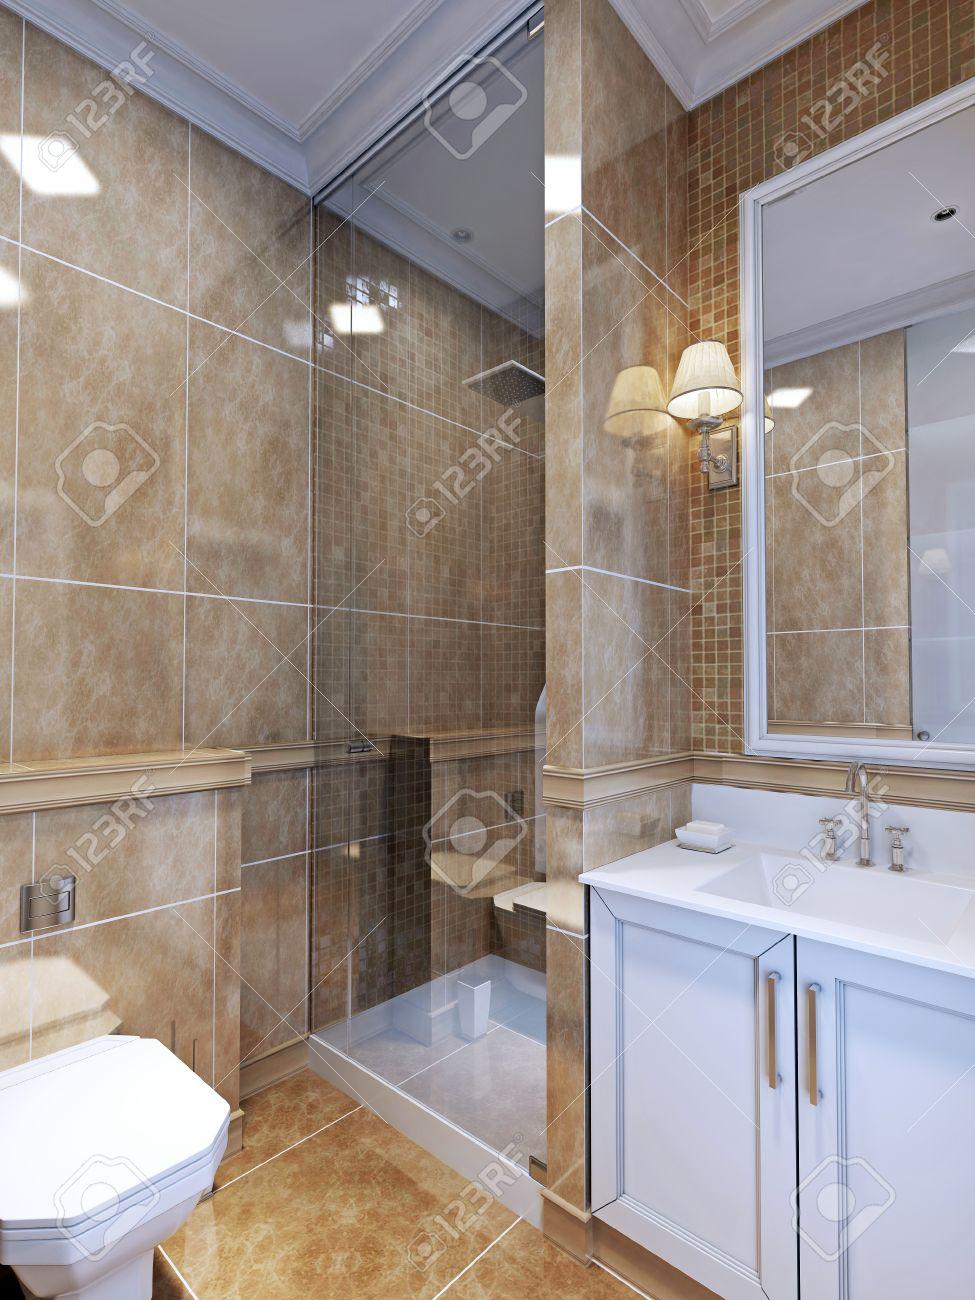 Salle de bains de style art déco. Une salle de bain complète qui se trouve  sur la petite taille. Natural carrelage beige couvre à la fois plancher et  ...